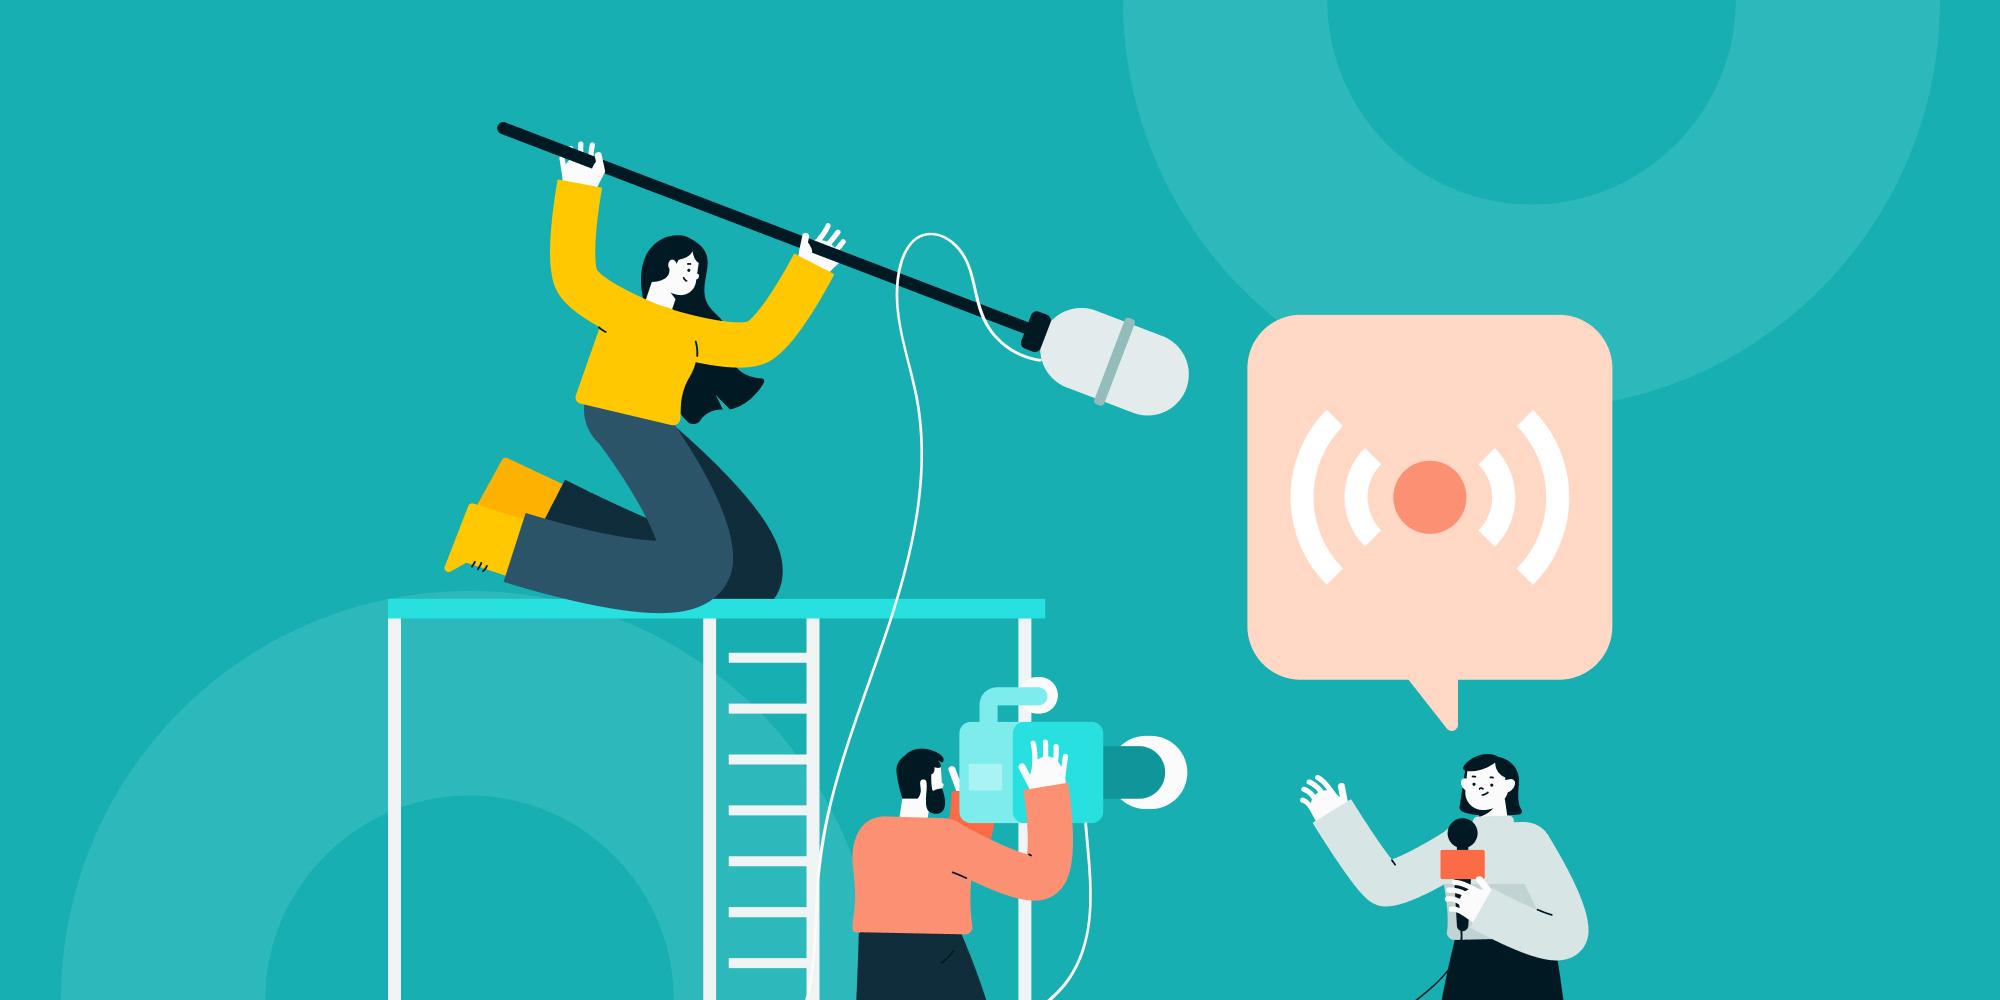 Formatos audiovisuales para generar impacto